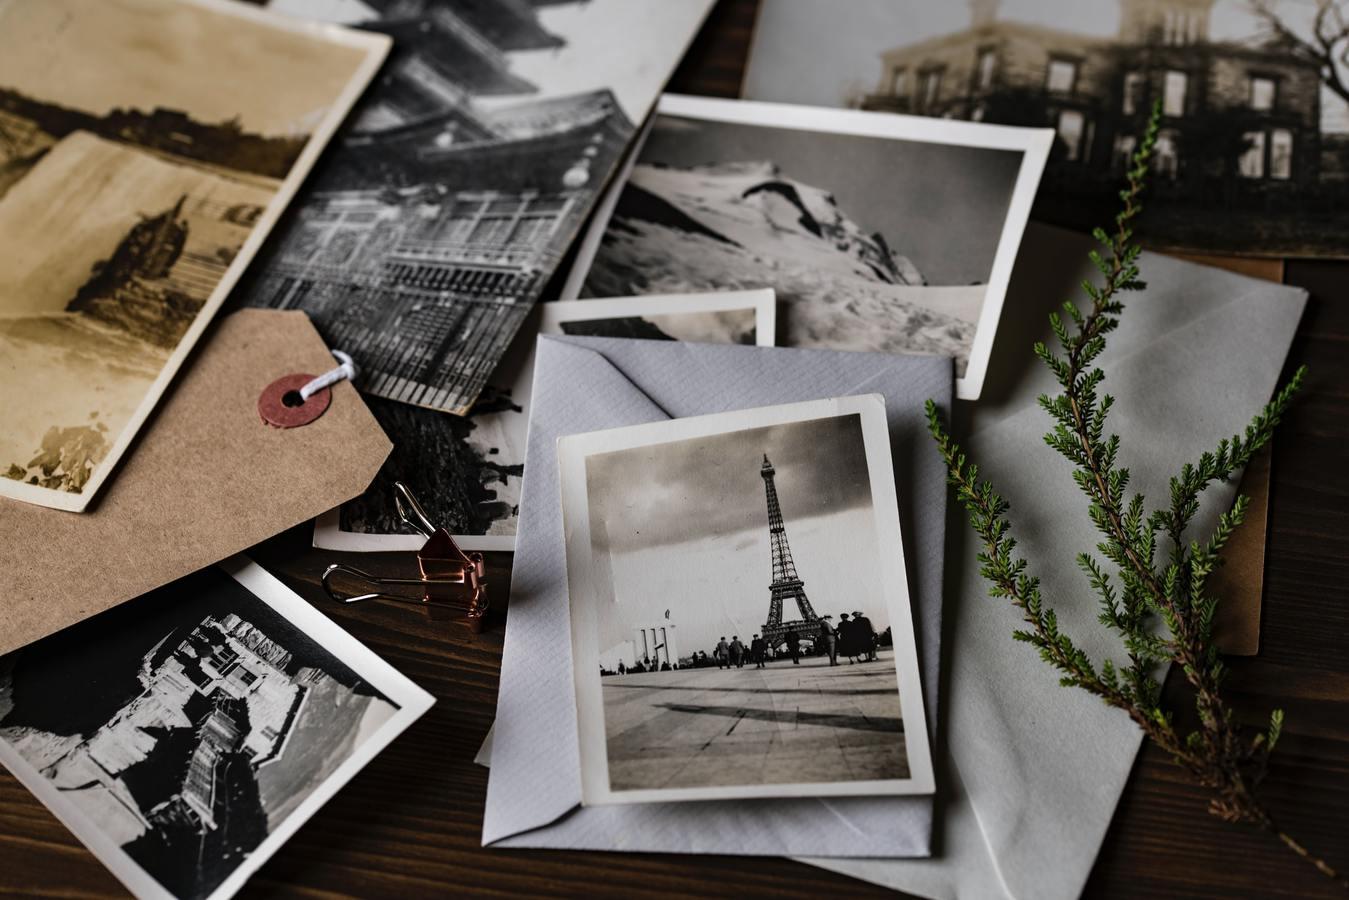 Kartu pos di atas meja